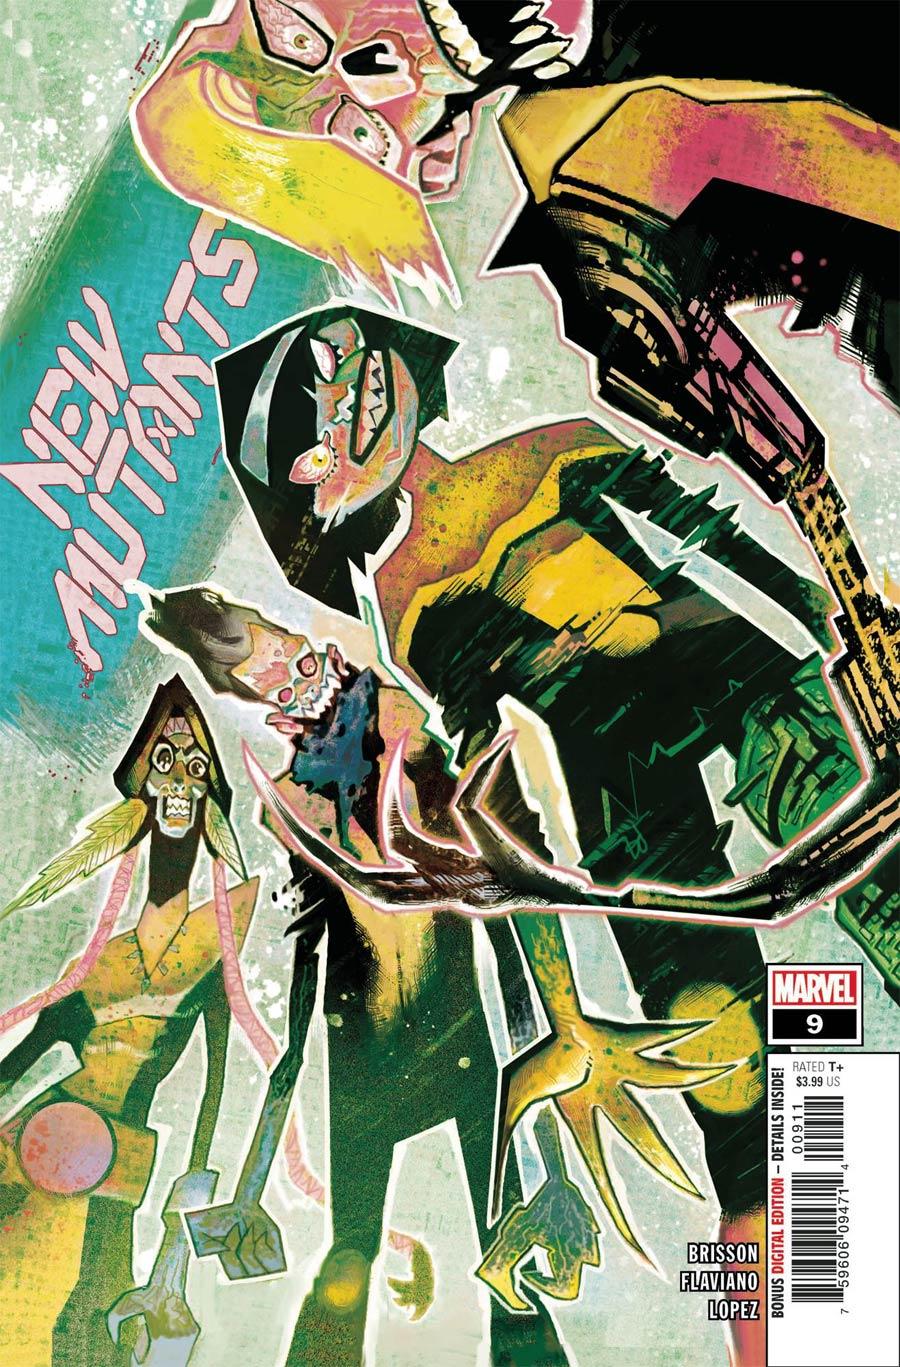 New Mutants #9 (2020)